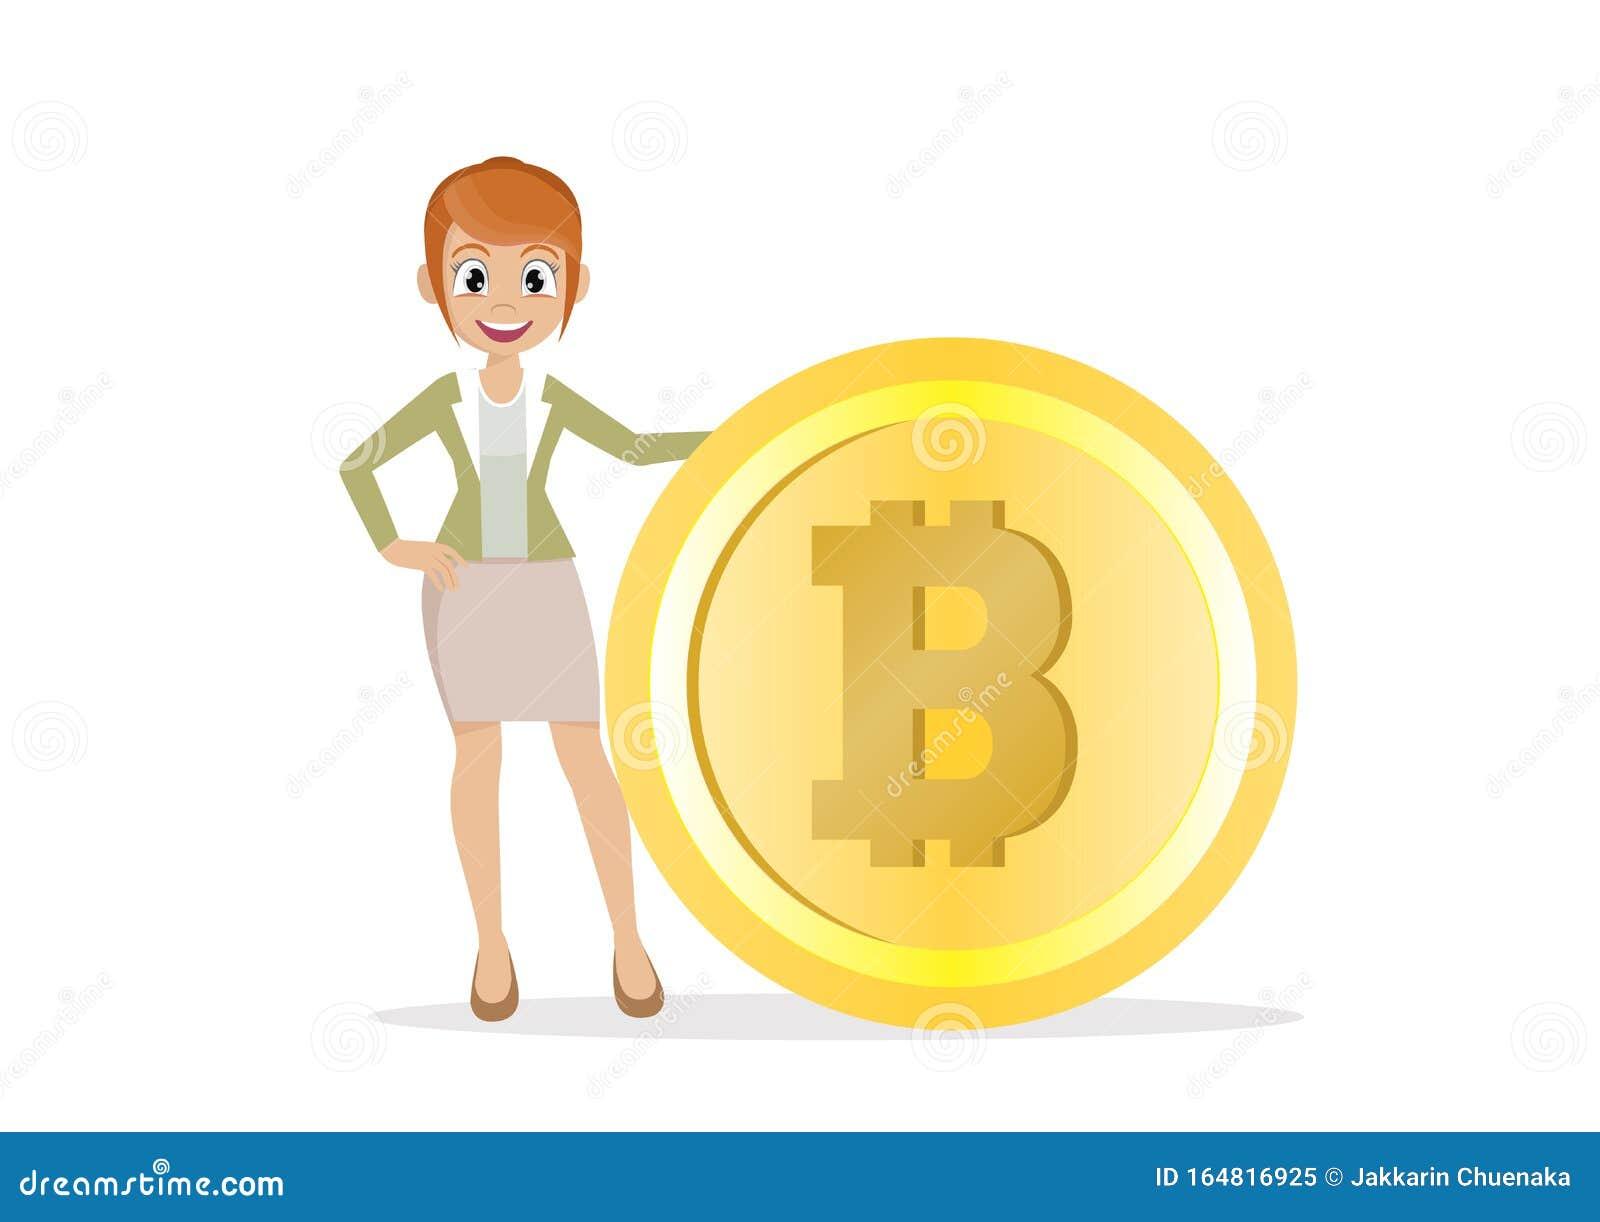 warum ist der bitcoin-handel flach? broker swap vergleich